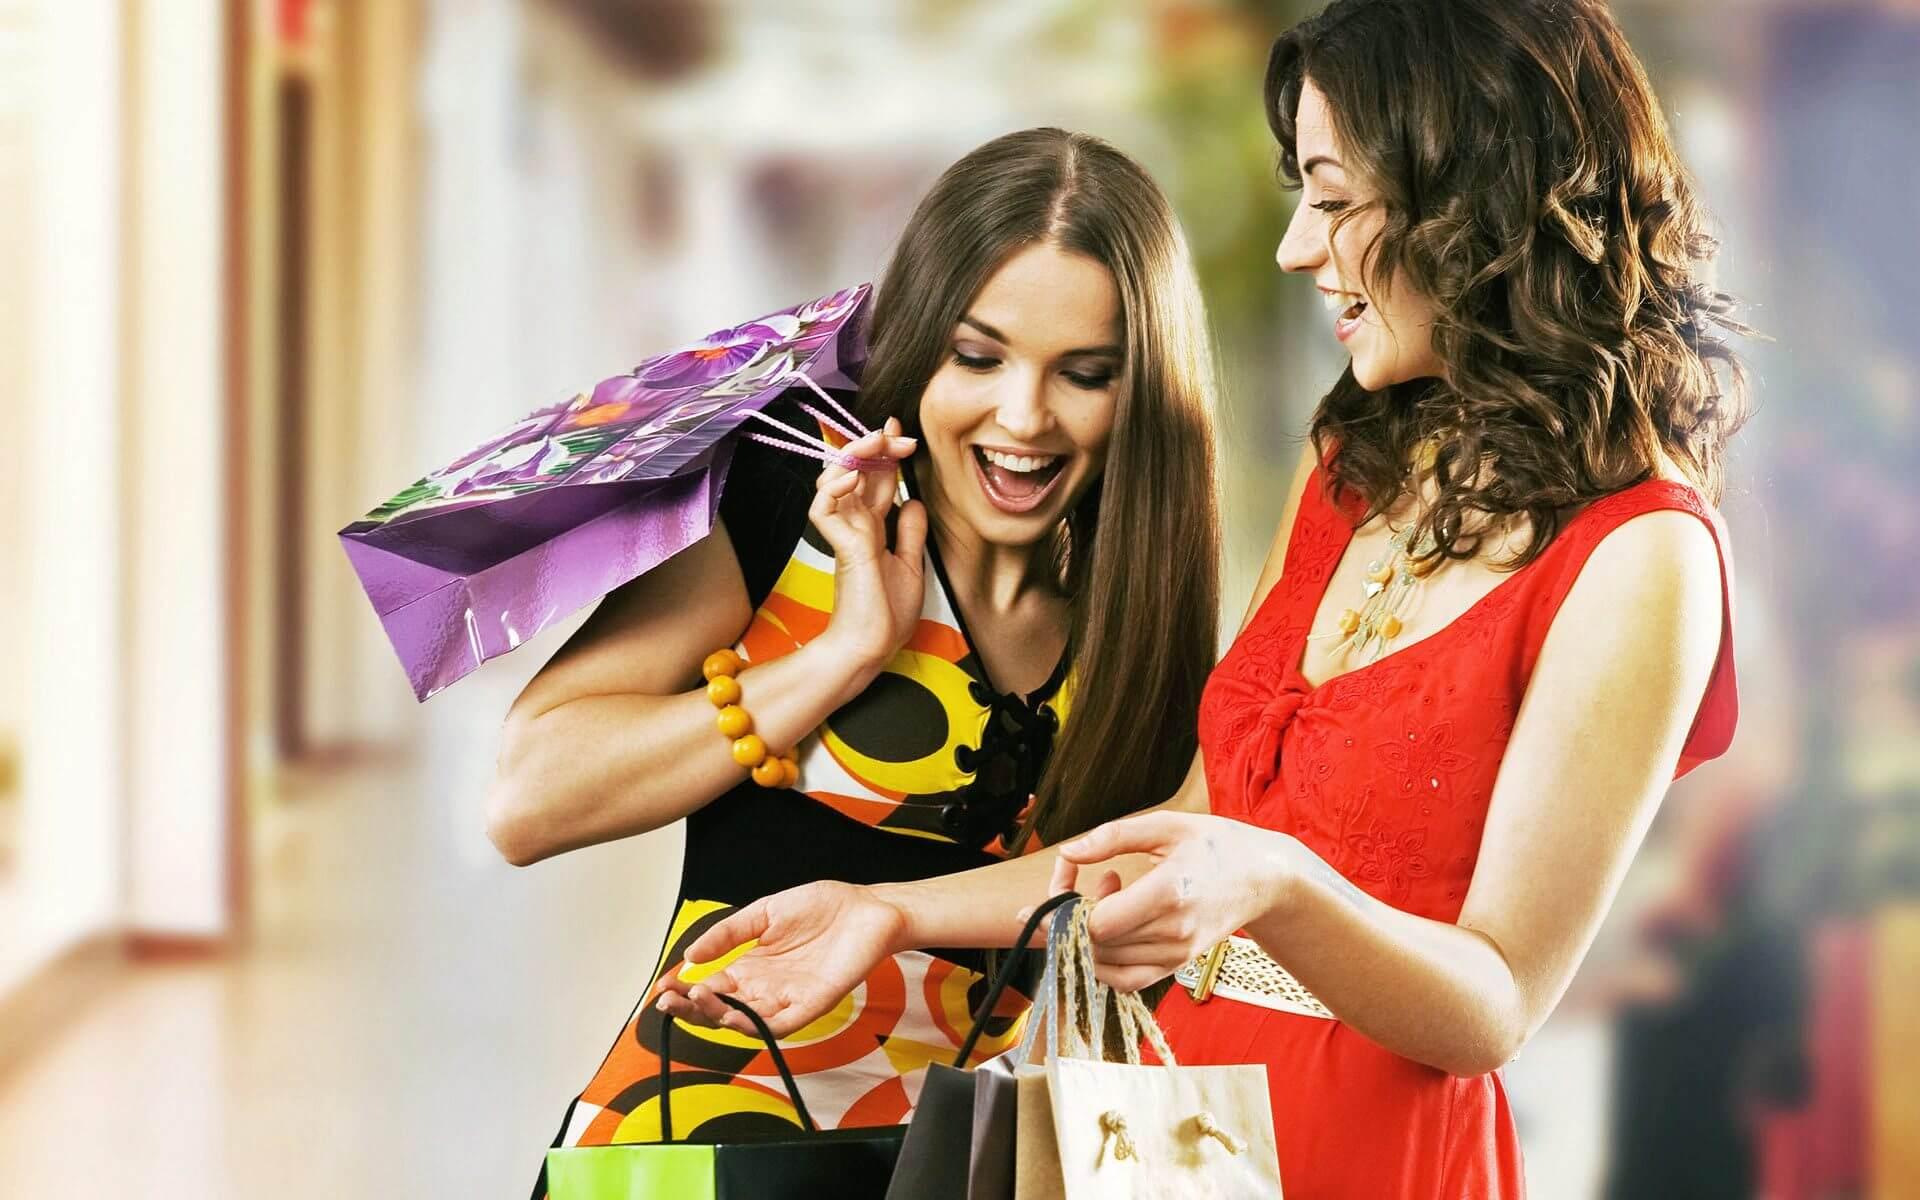 Картинка о покупках